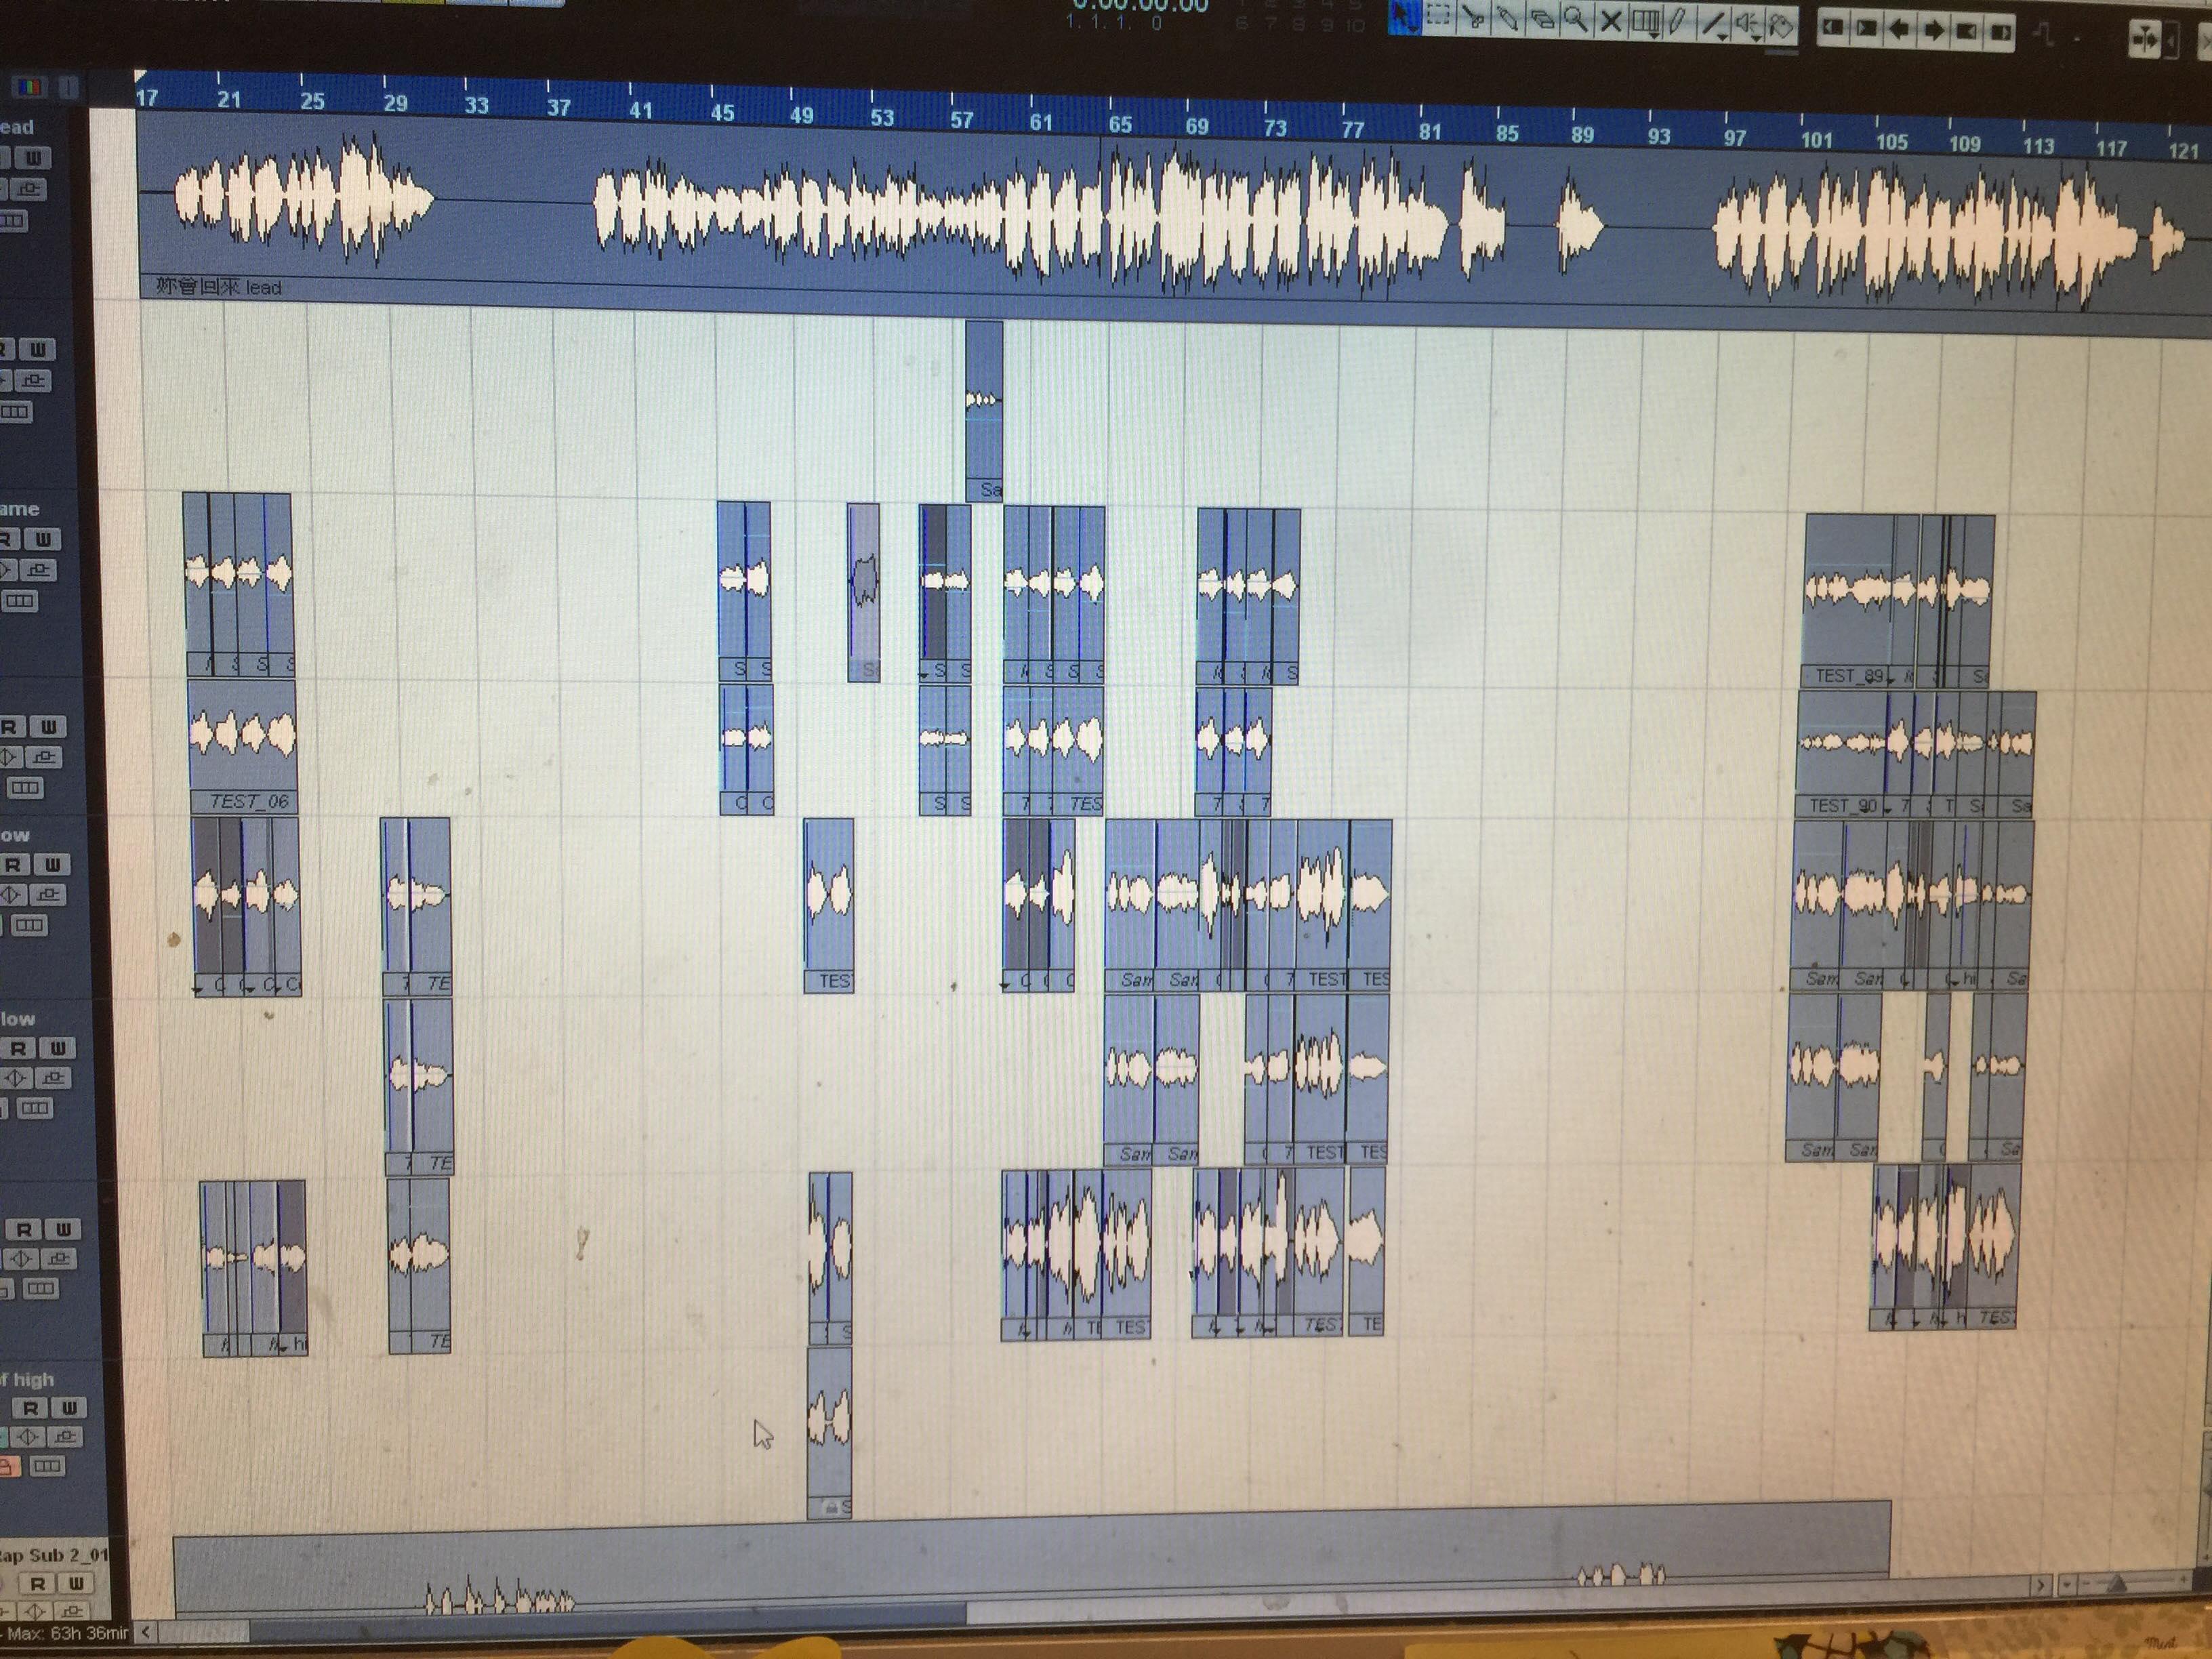 原來幫歌手錄製和聲的過程是這樣的呀!!? 專輯錄製的和聲技巧 – 雷應婕Jen Lei : 帶你聽音樂學音樂 也學好英文